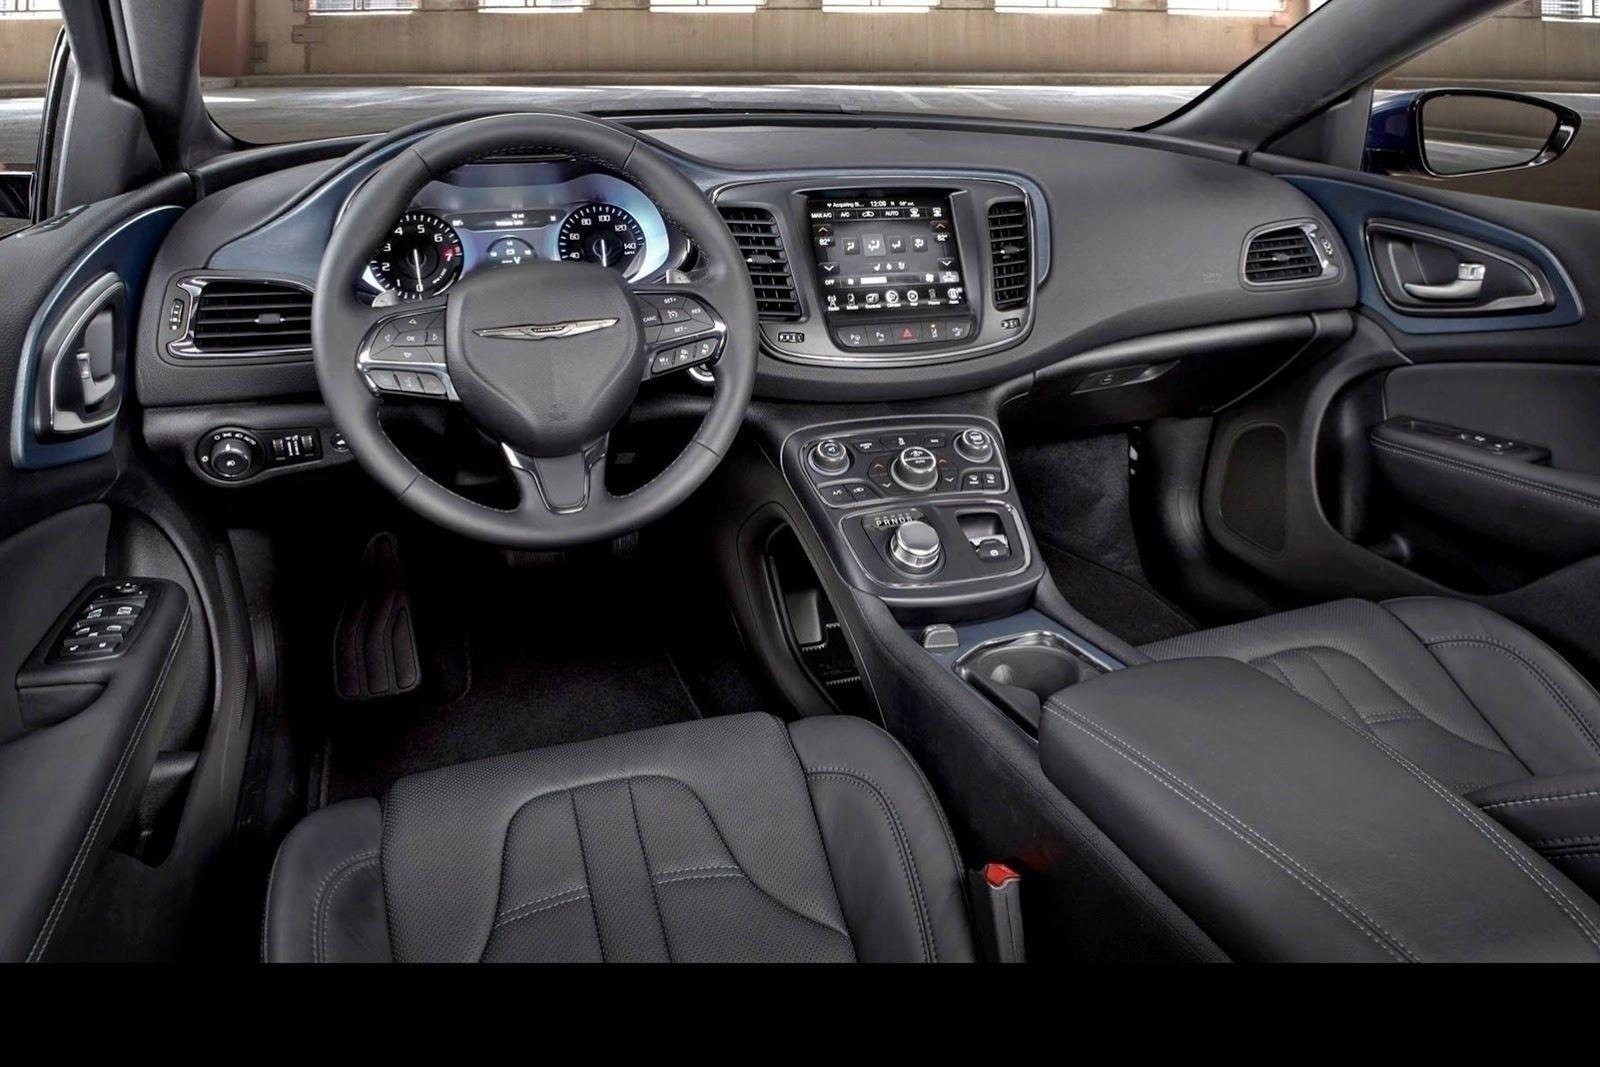 2019 Chrysler 200 Release Date Car Gallery Dengan Gambar